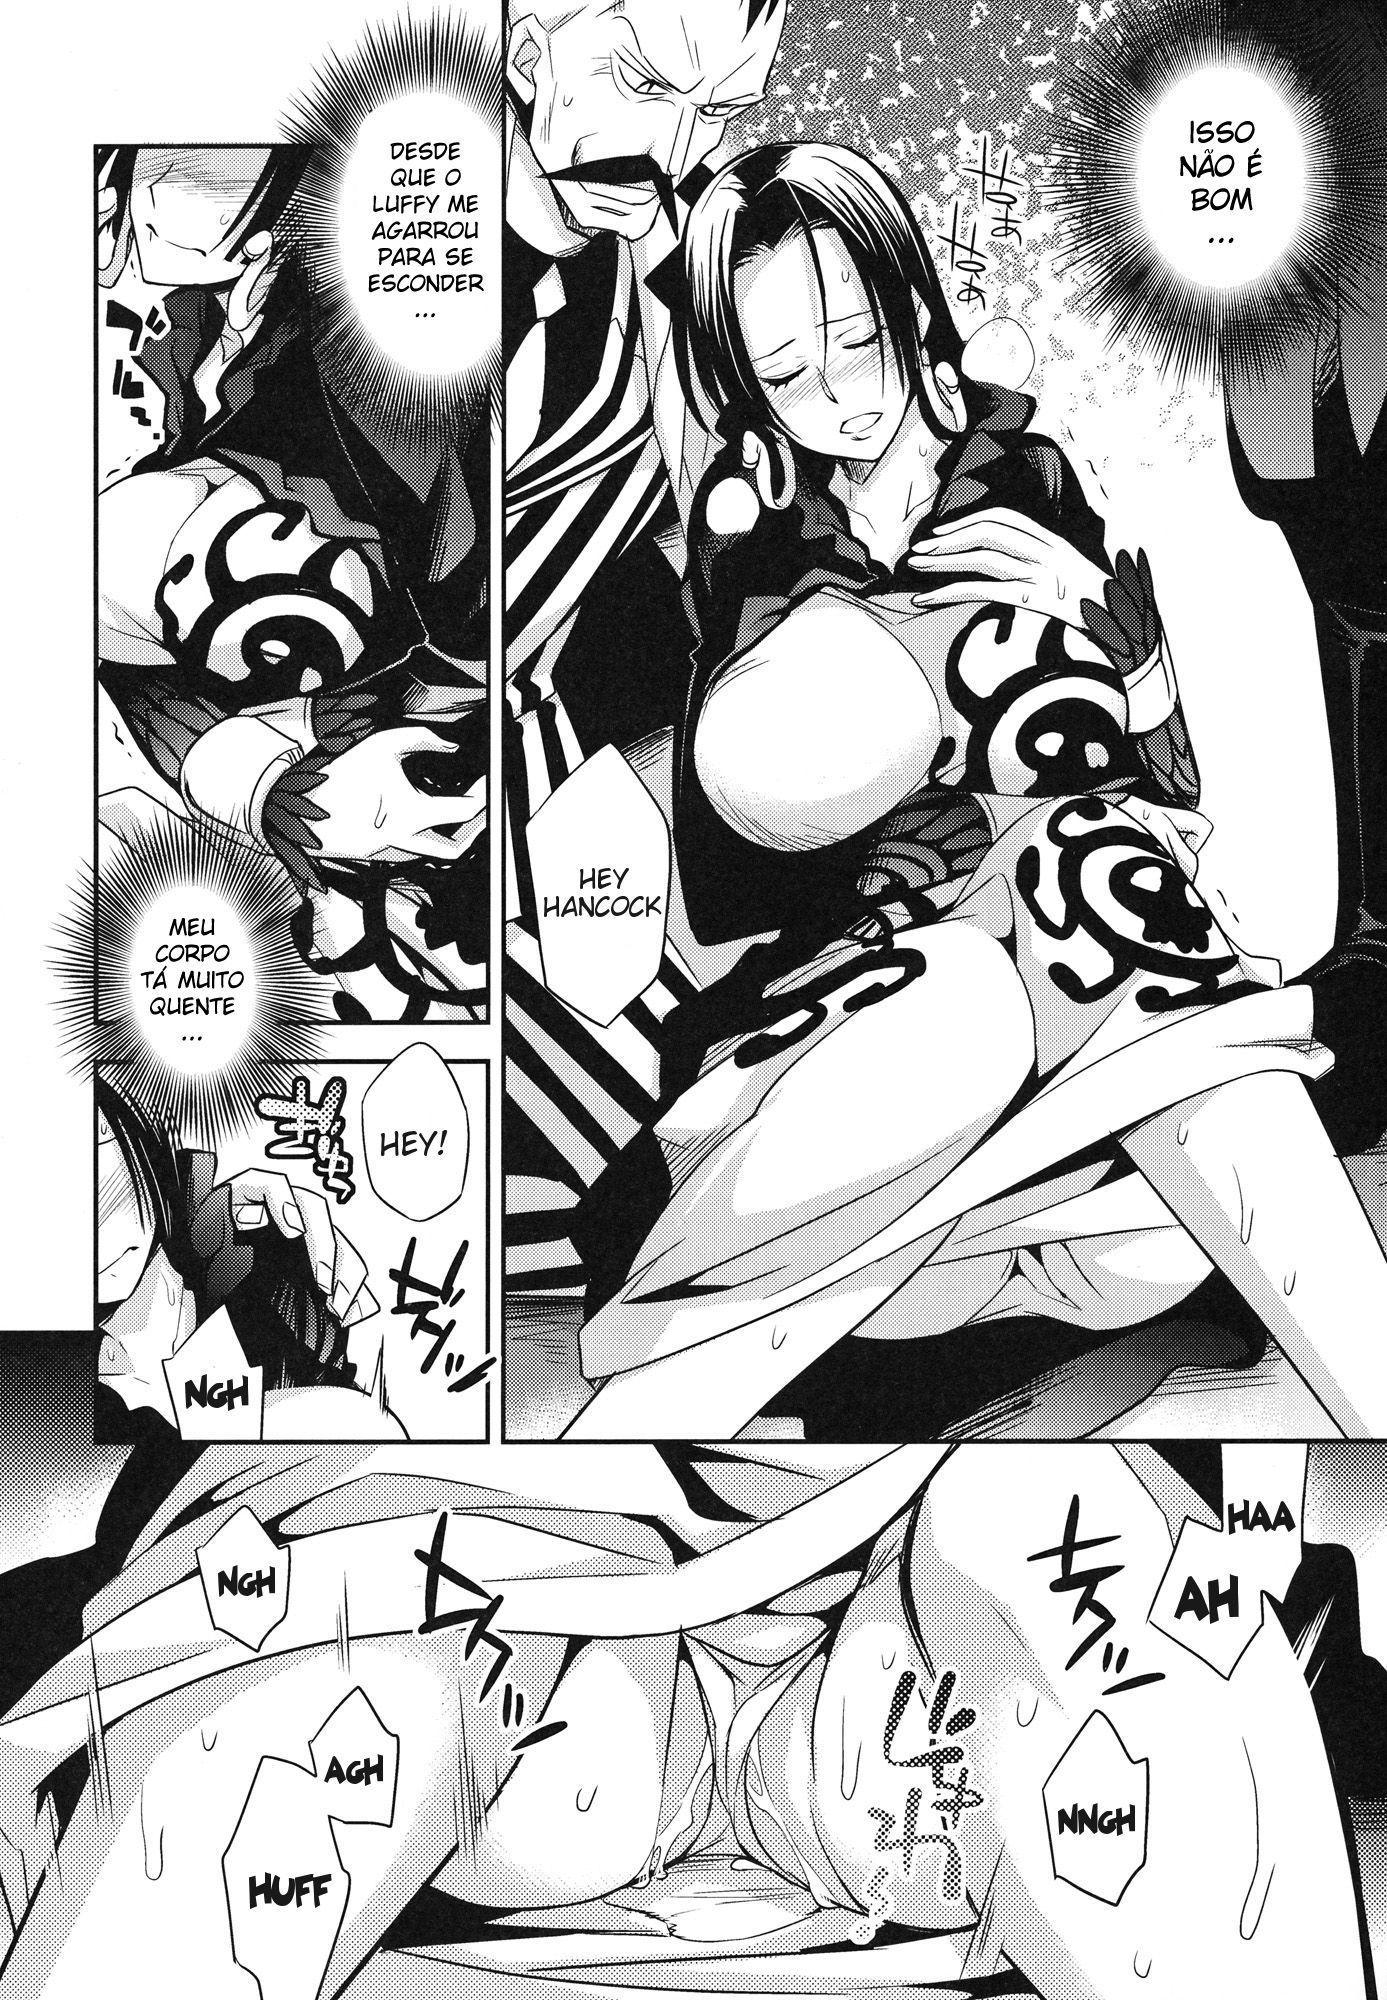 One Piece Pornô: Boa Hancock Gozando - Foto 3